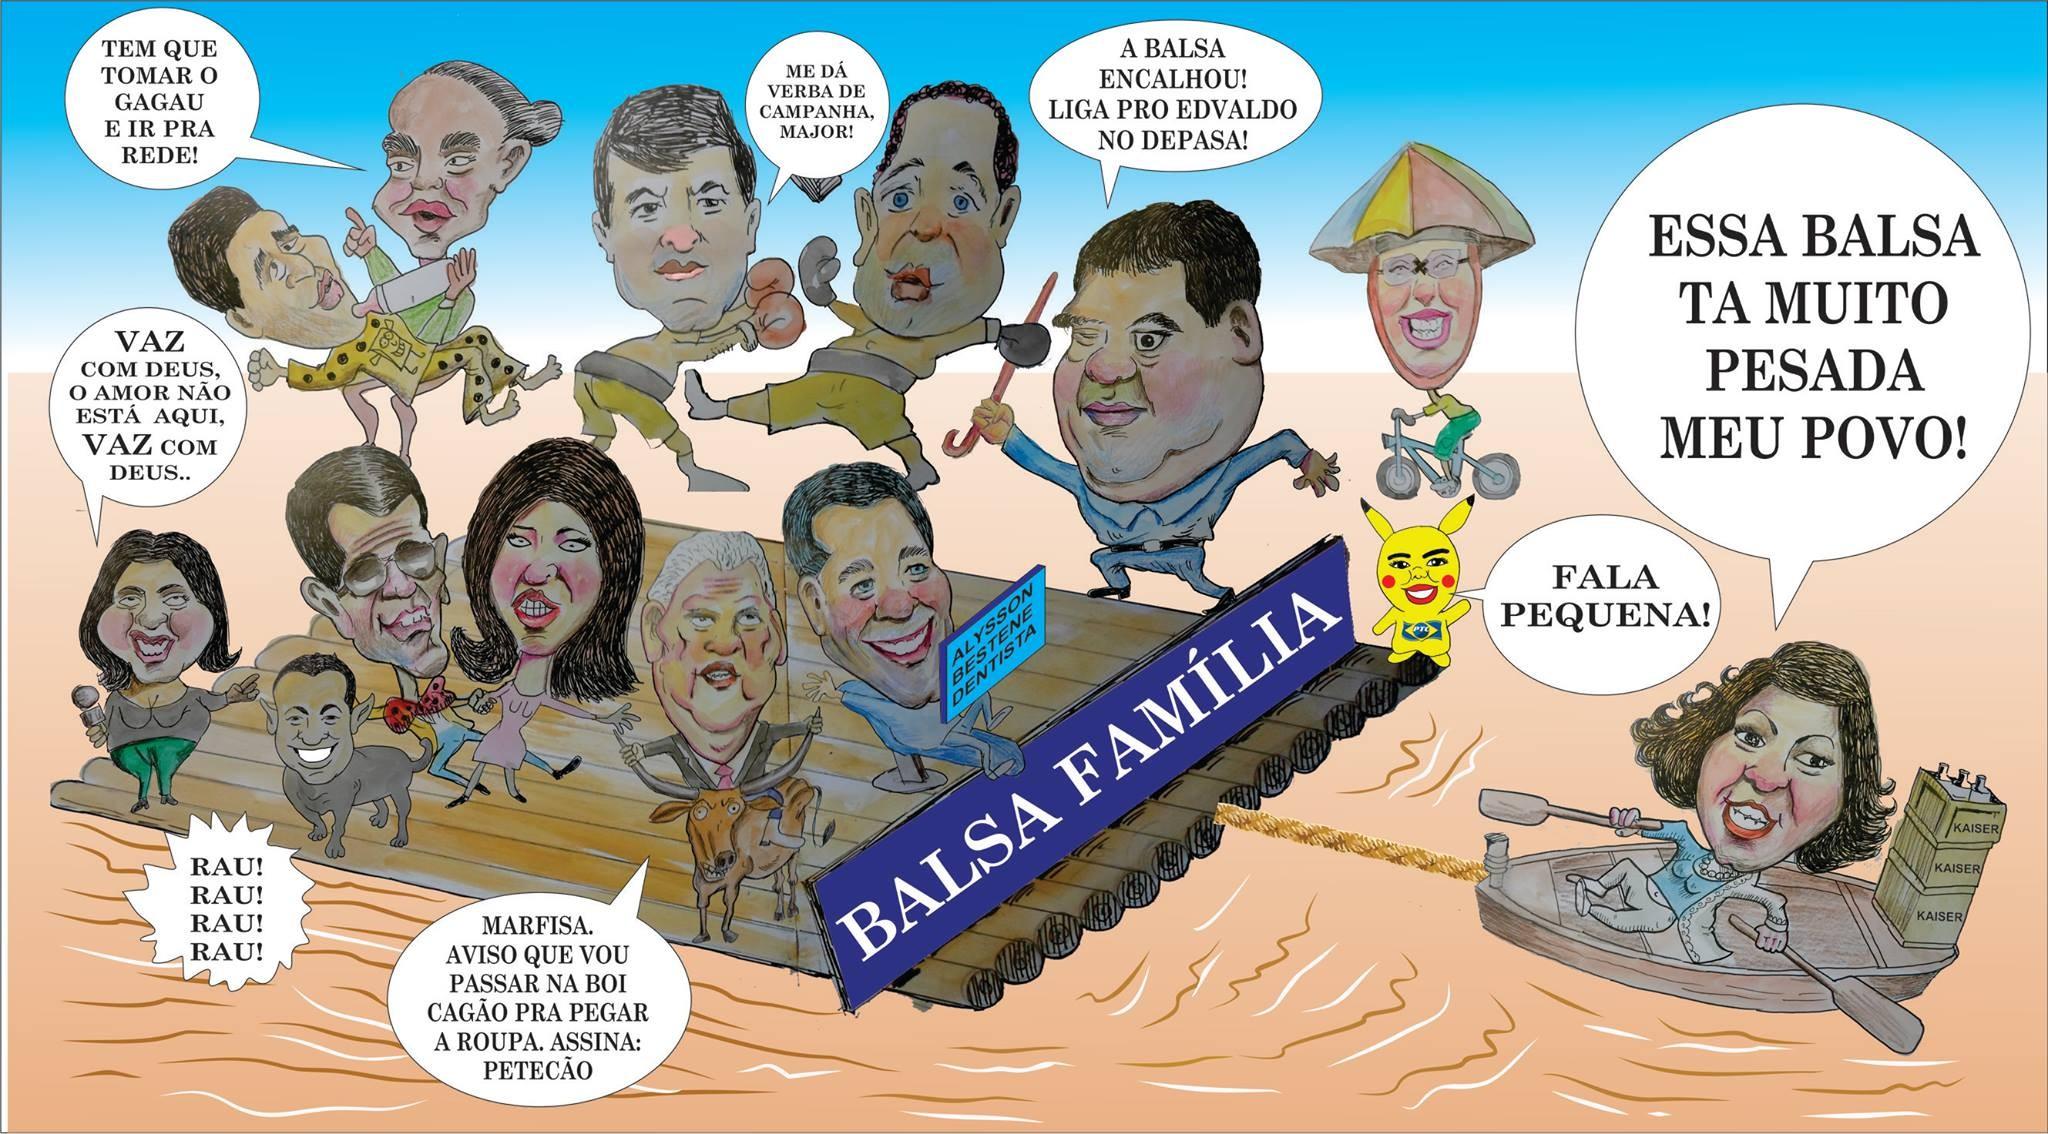 Charge de balsa é tradição em jornais impressos do estado  (Foto: Raimundo Mendes/Arquivo pessoal )